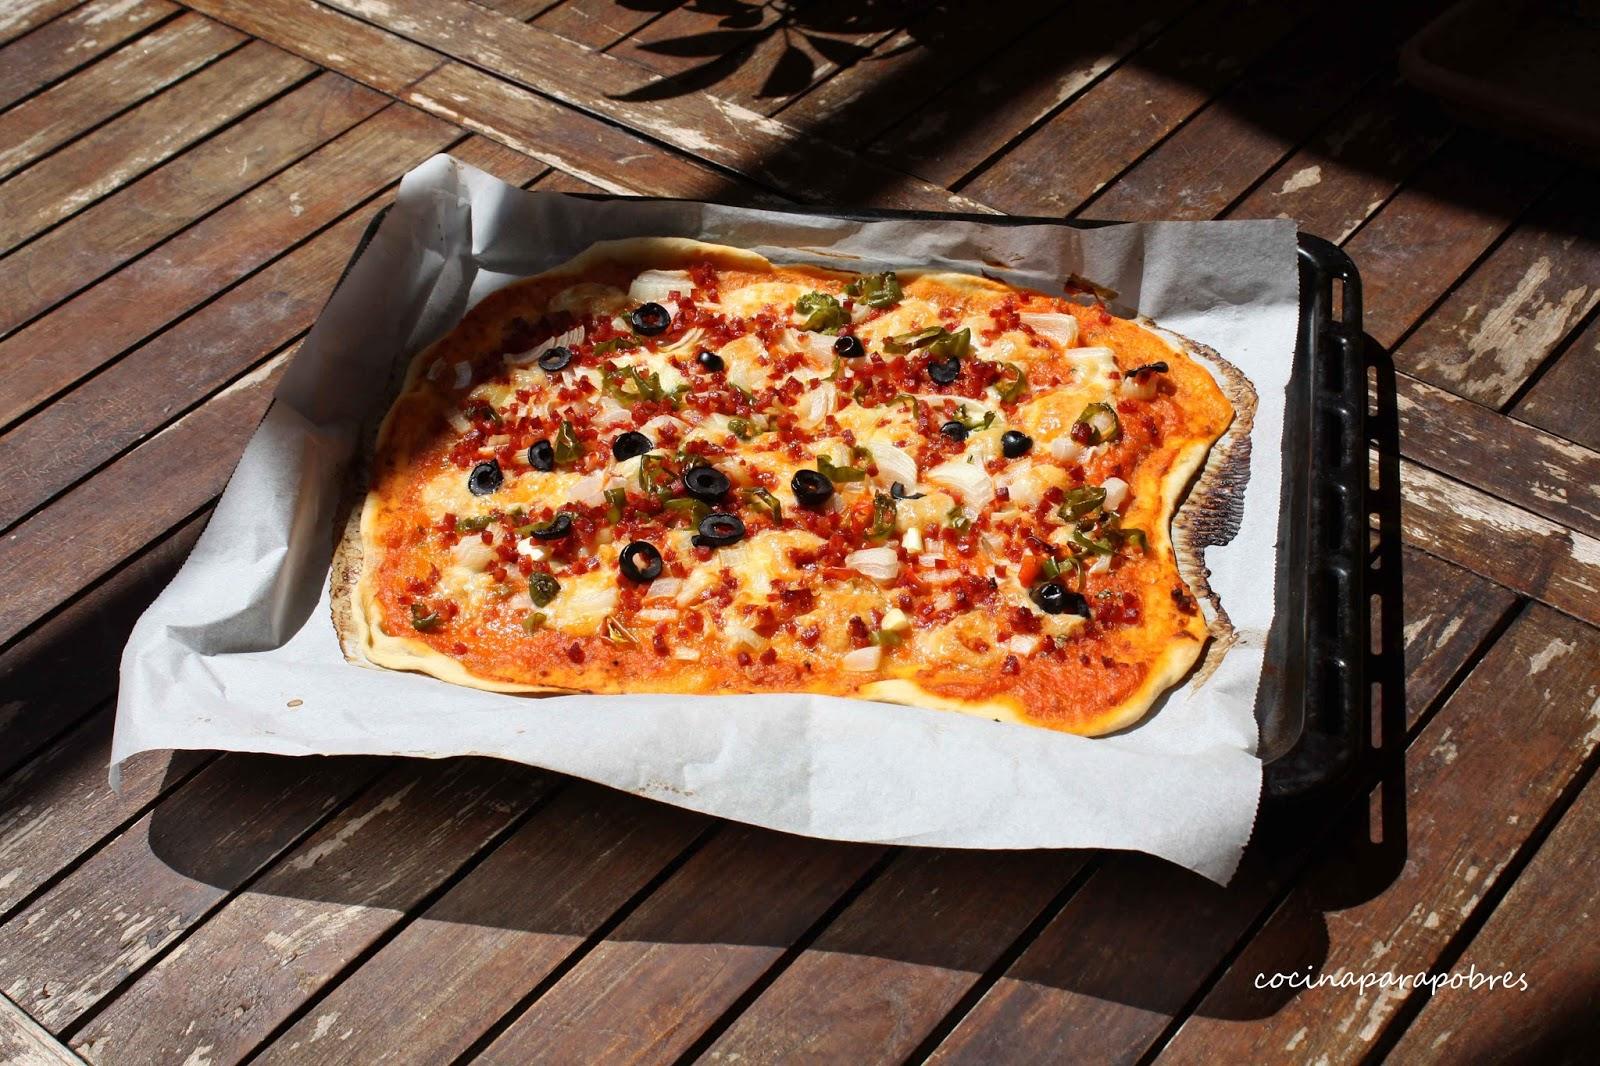 Cocina para pobres: Pizza casera, receta paso a paso. Masa sin levadura